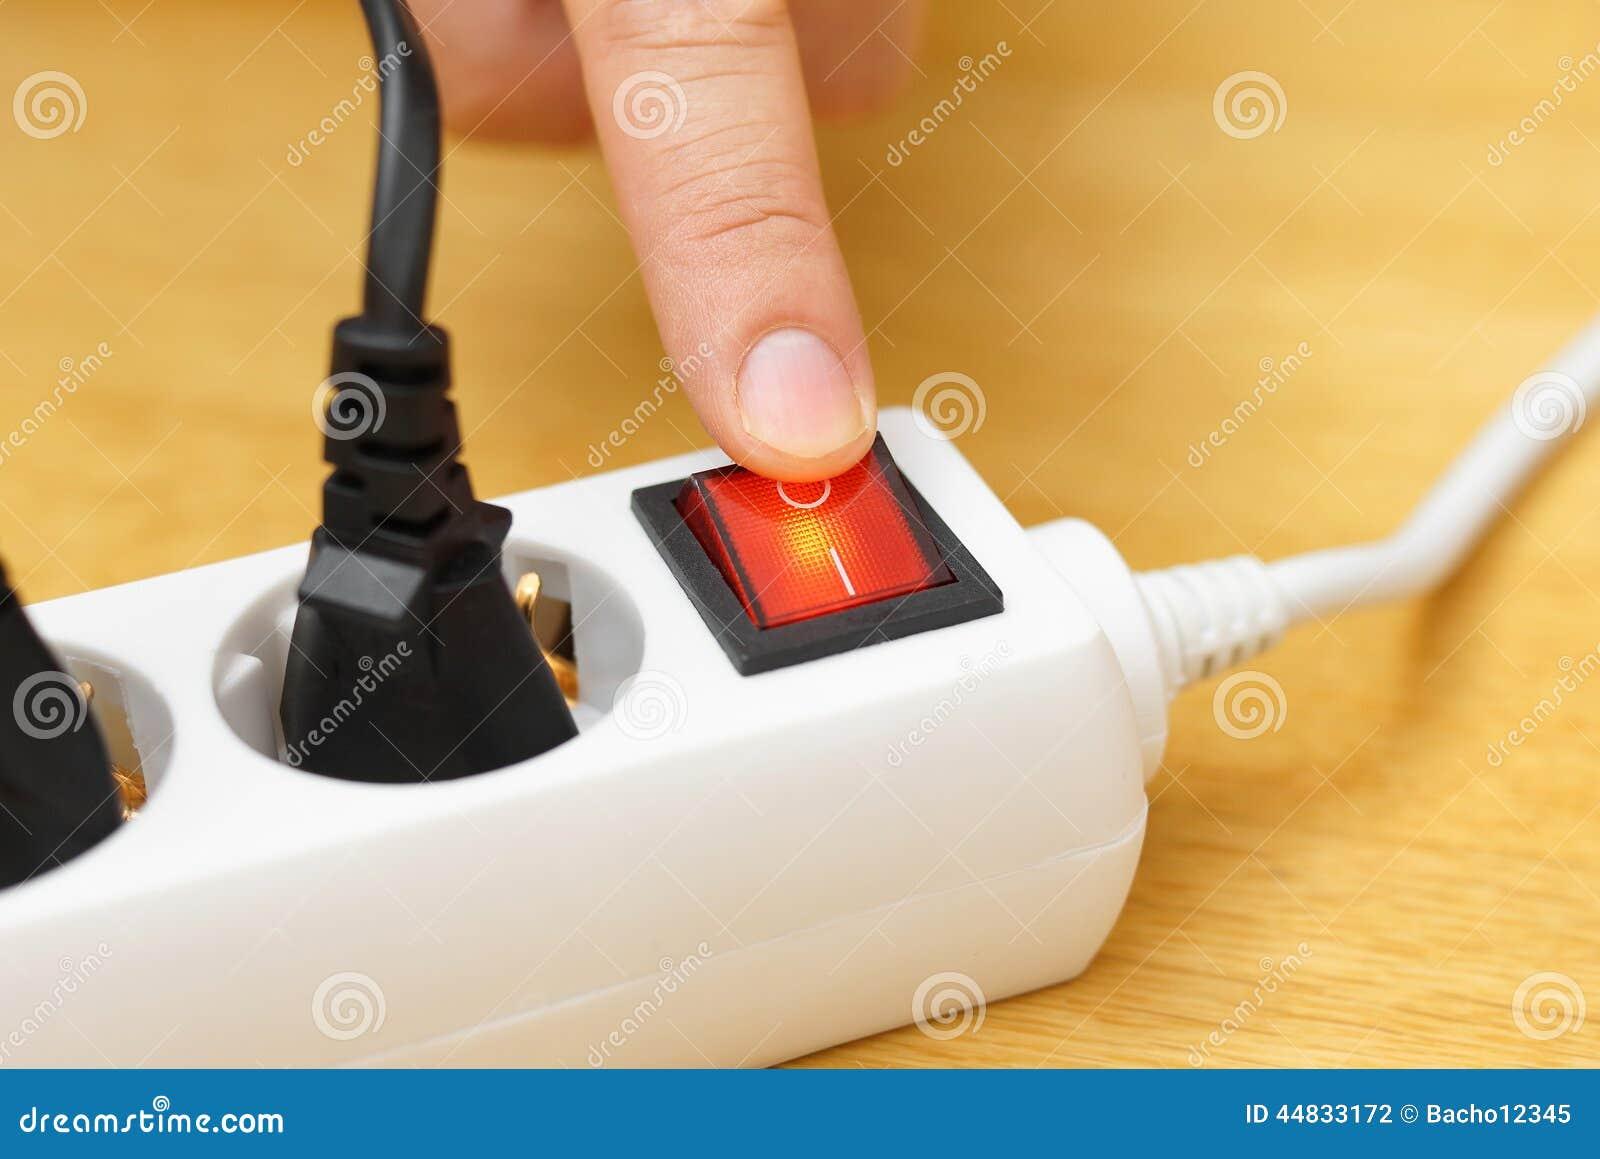 关闭在电源插口的按钮保存在电双